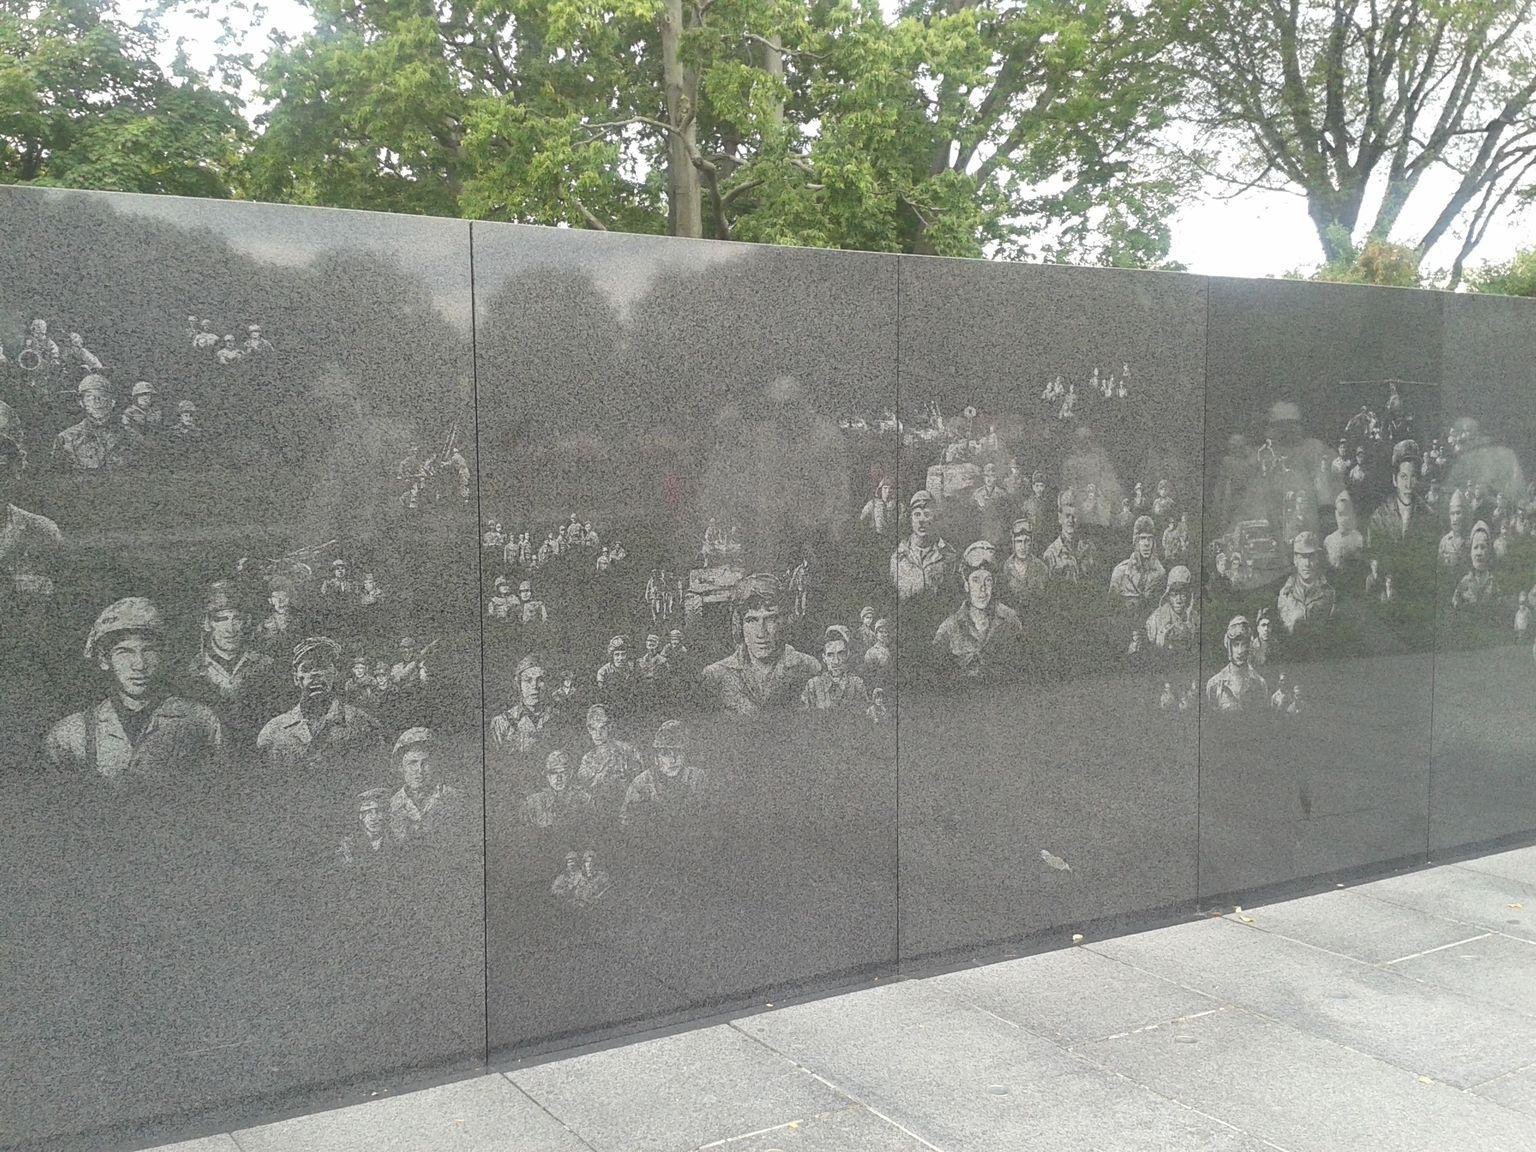 MÁS FOTOS, Recorrido en tranvía con paradas libres por Washington DC incluida la visita guiada al Cementerio Nacional de Arlington